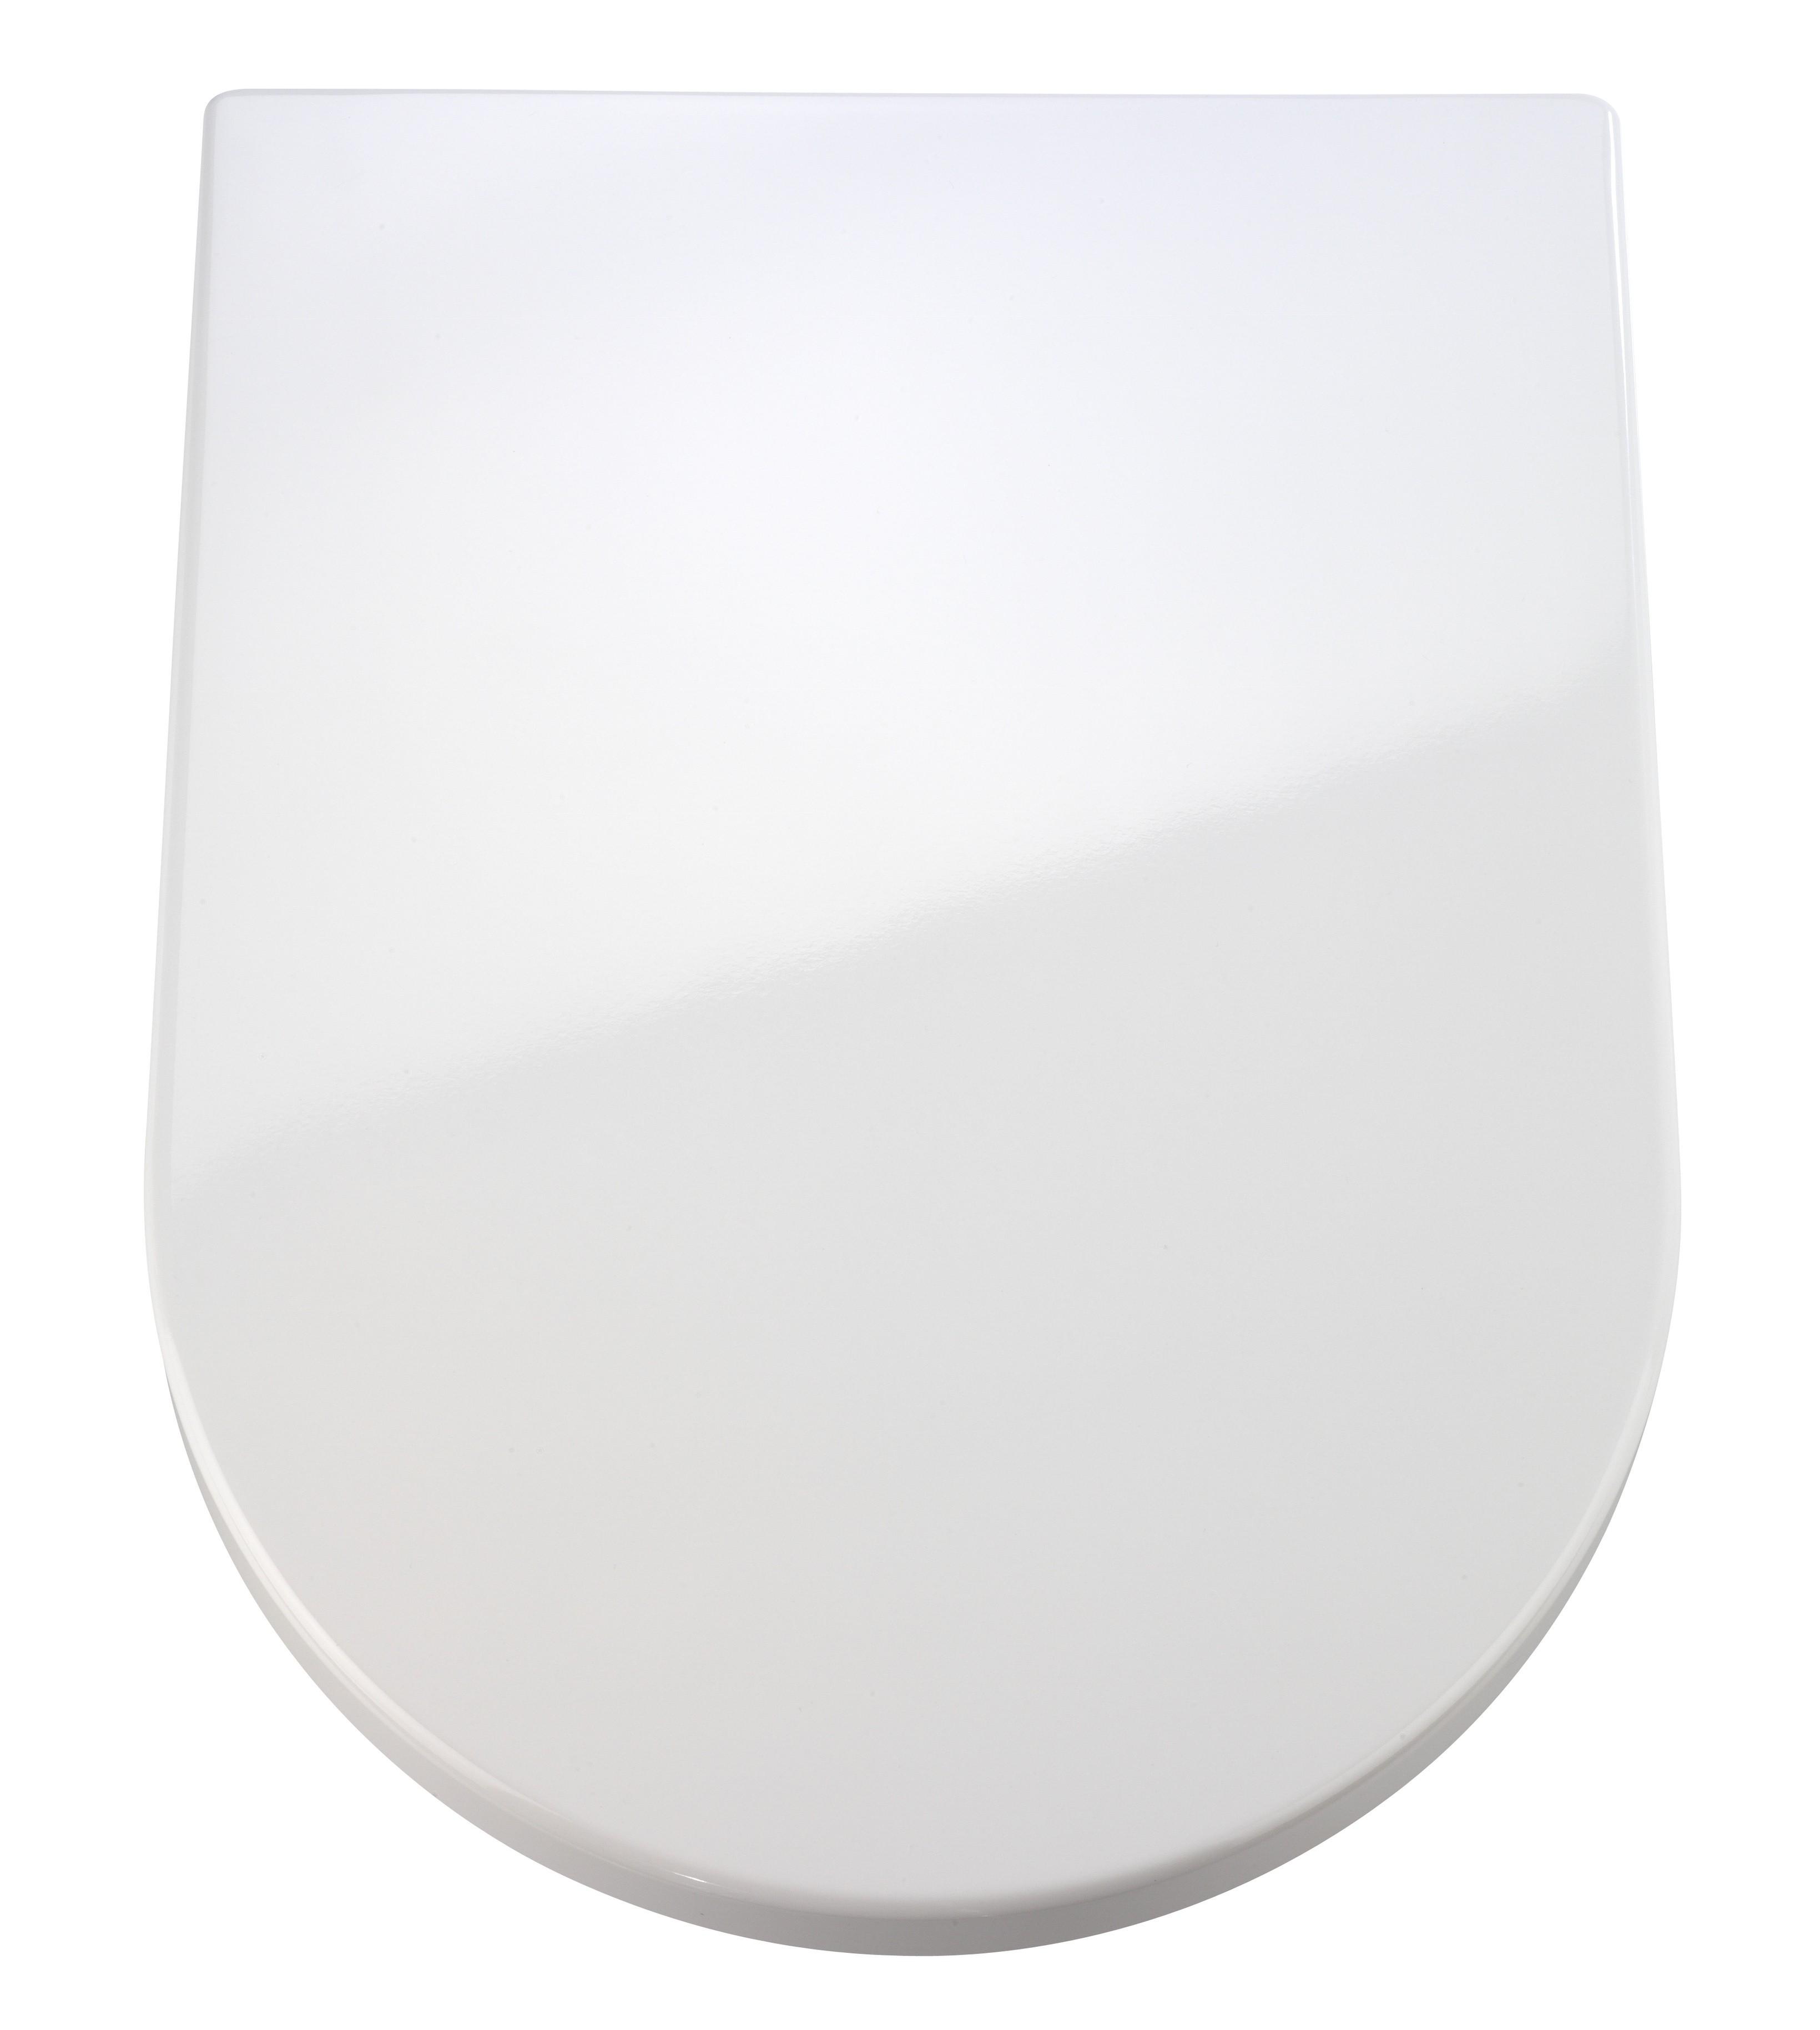 premium wc sitz palma mit absenkautomatik von wenko jetzt kaufen bei wc. Black Bedroom Furniture Sets. Home Design Ideas